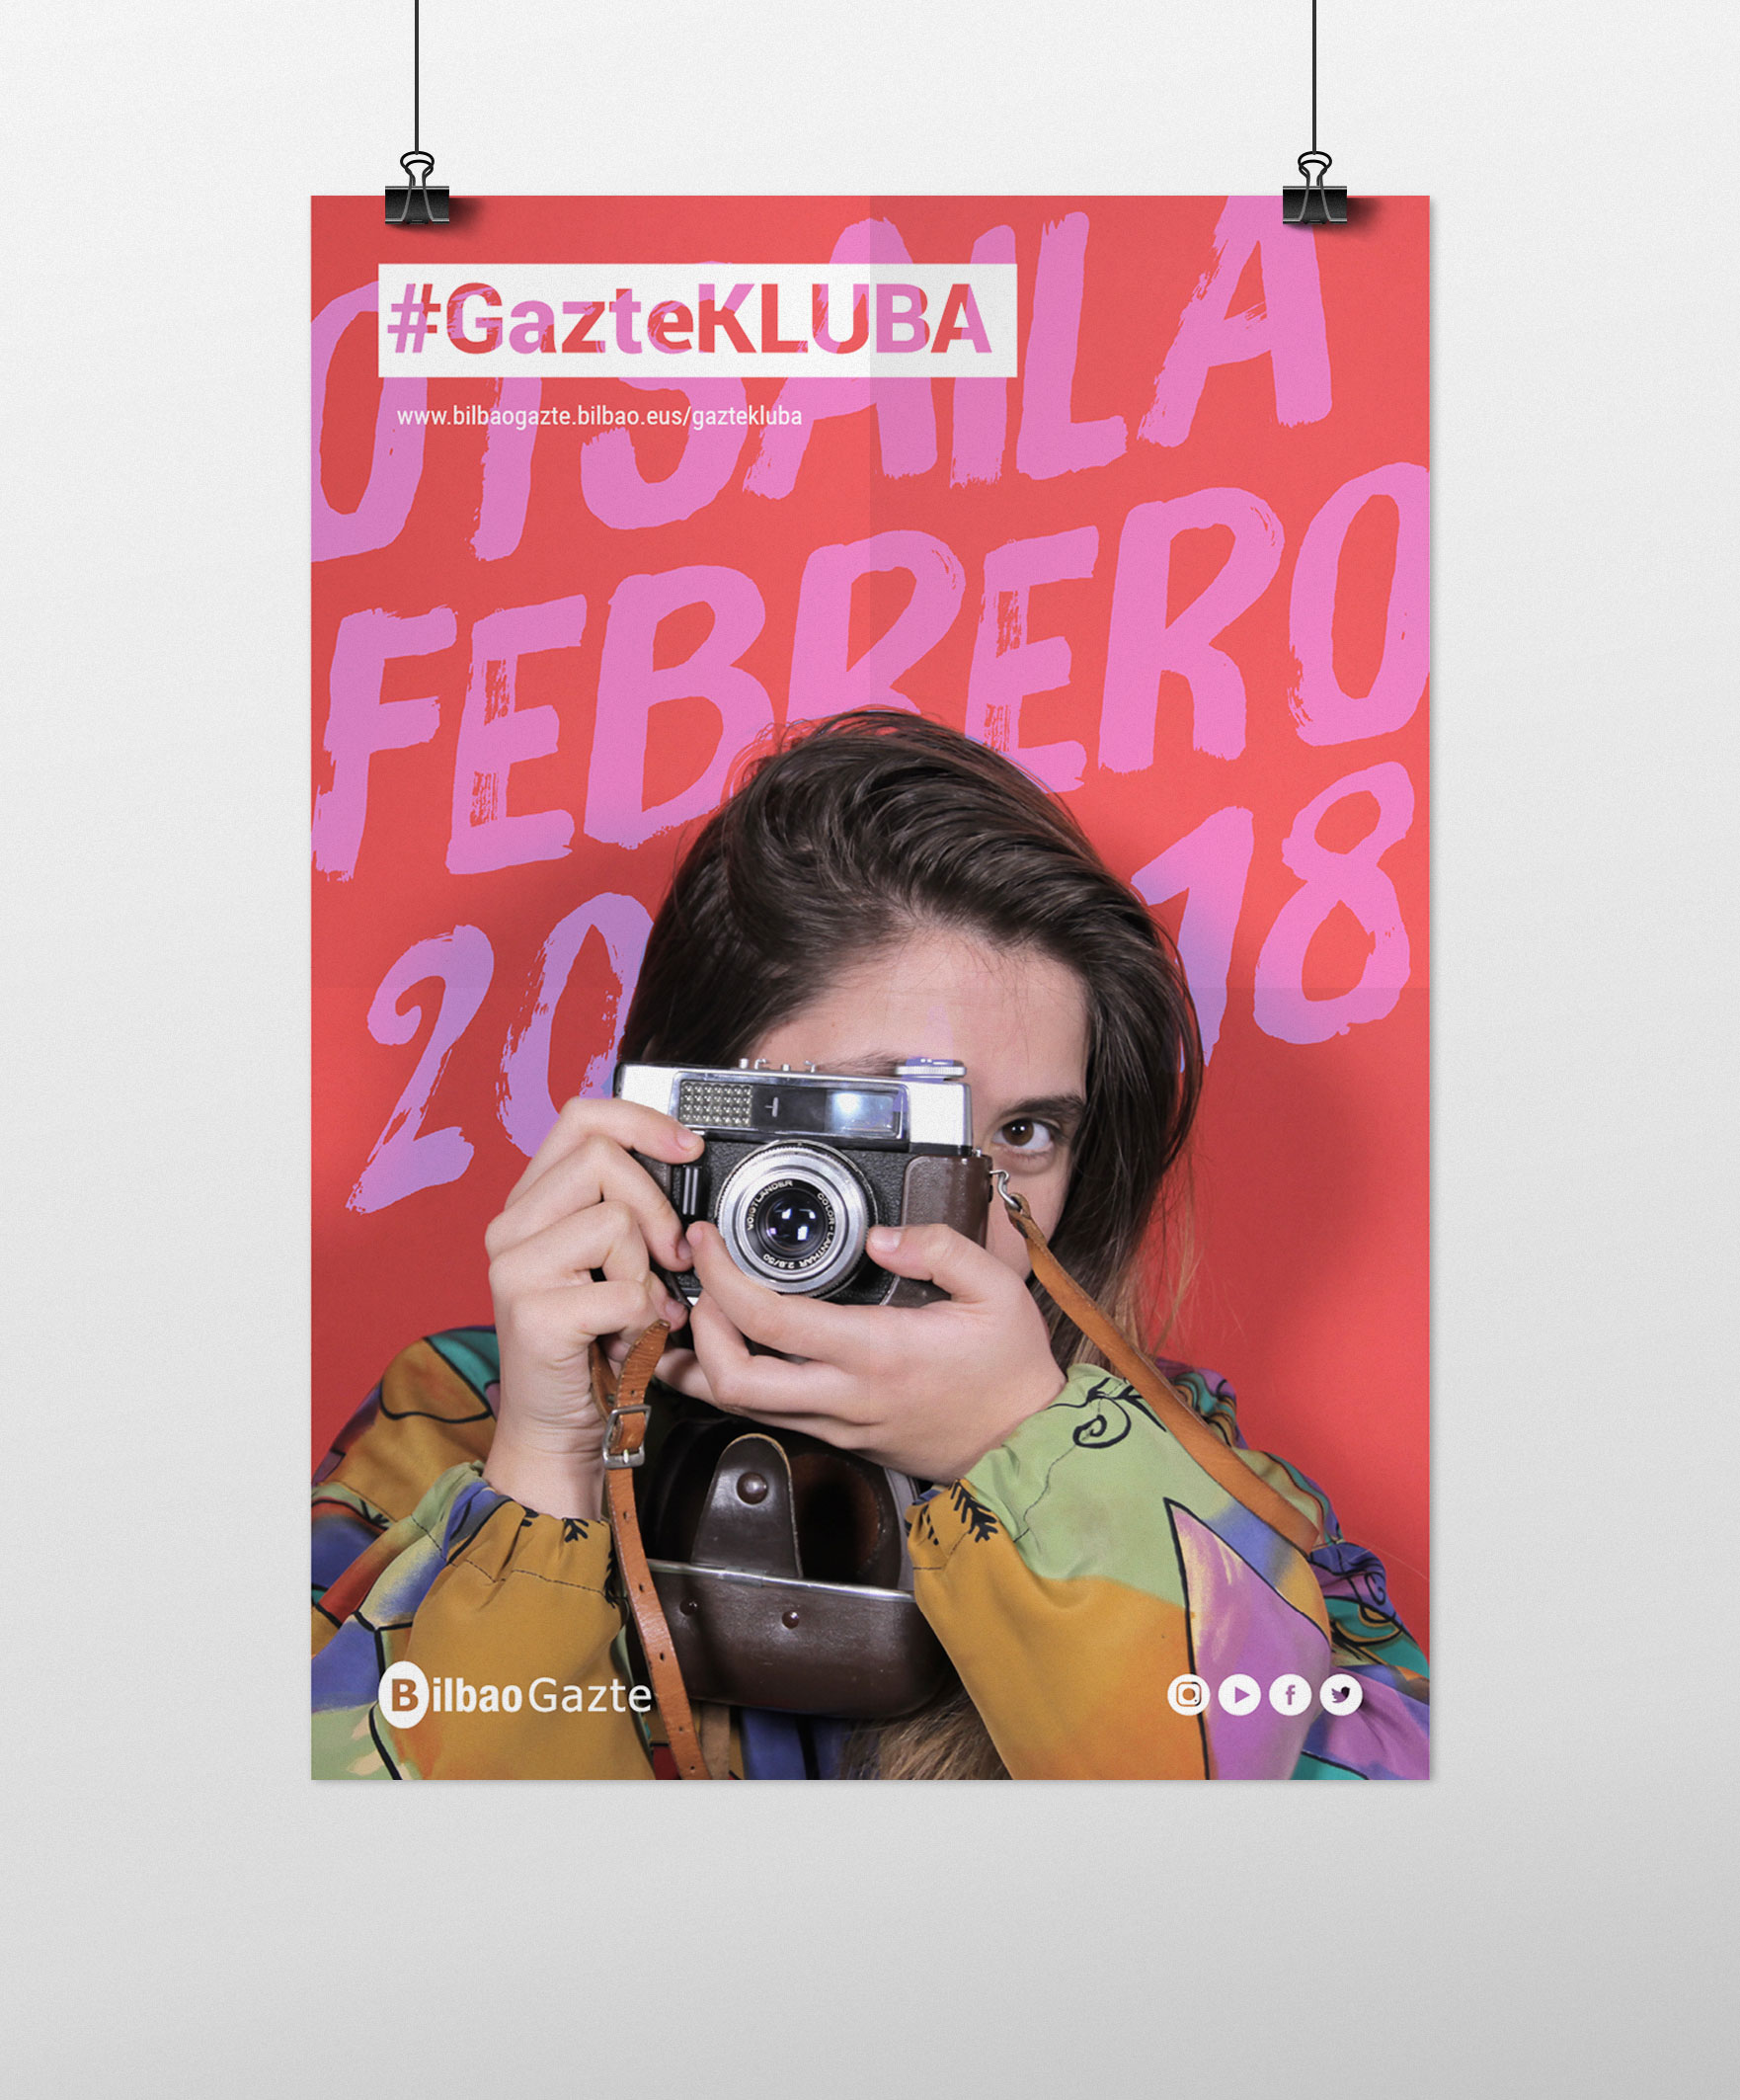 #GazteKLUBA, Branding y campaña de comunicación by Nagore M. Jauregi - Creative Work